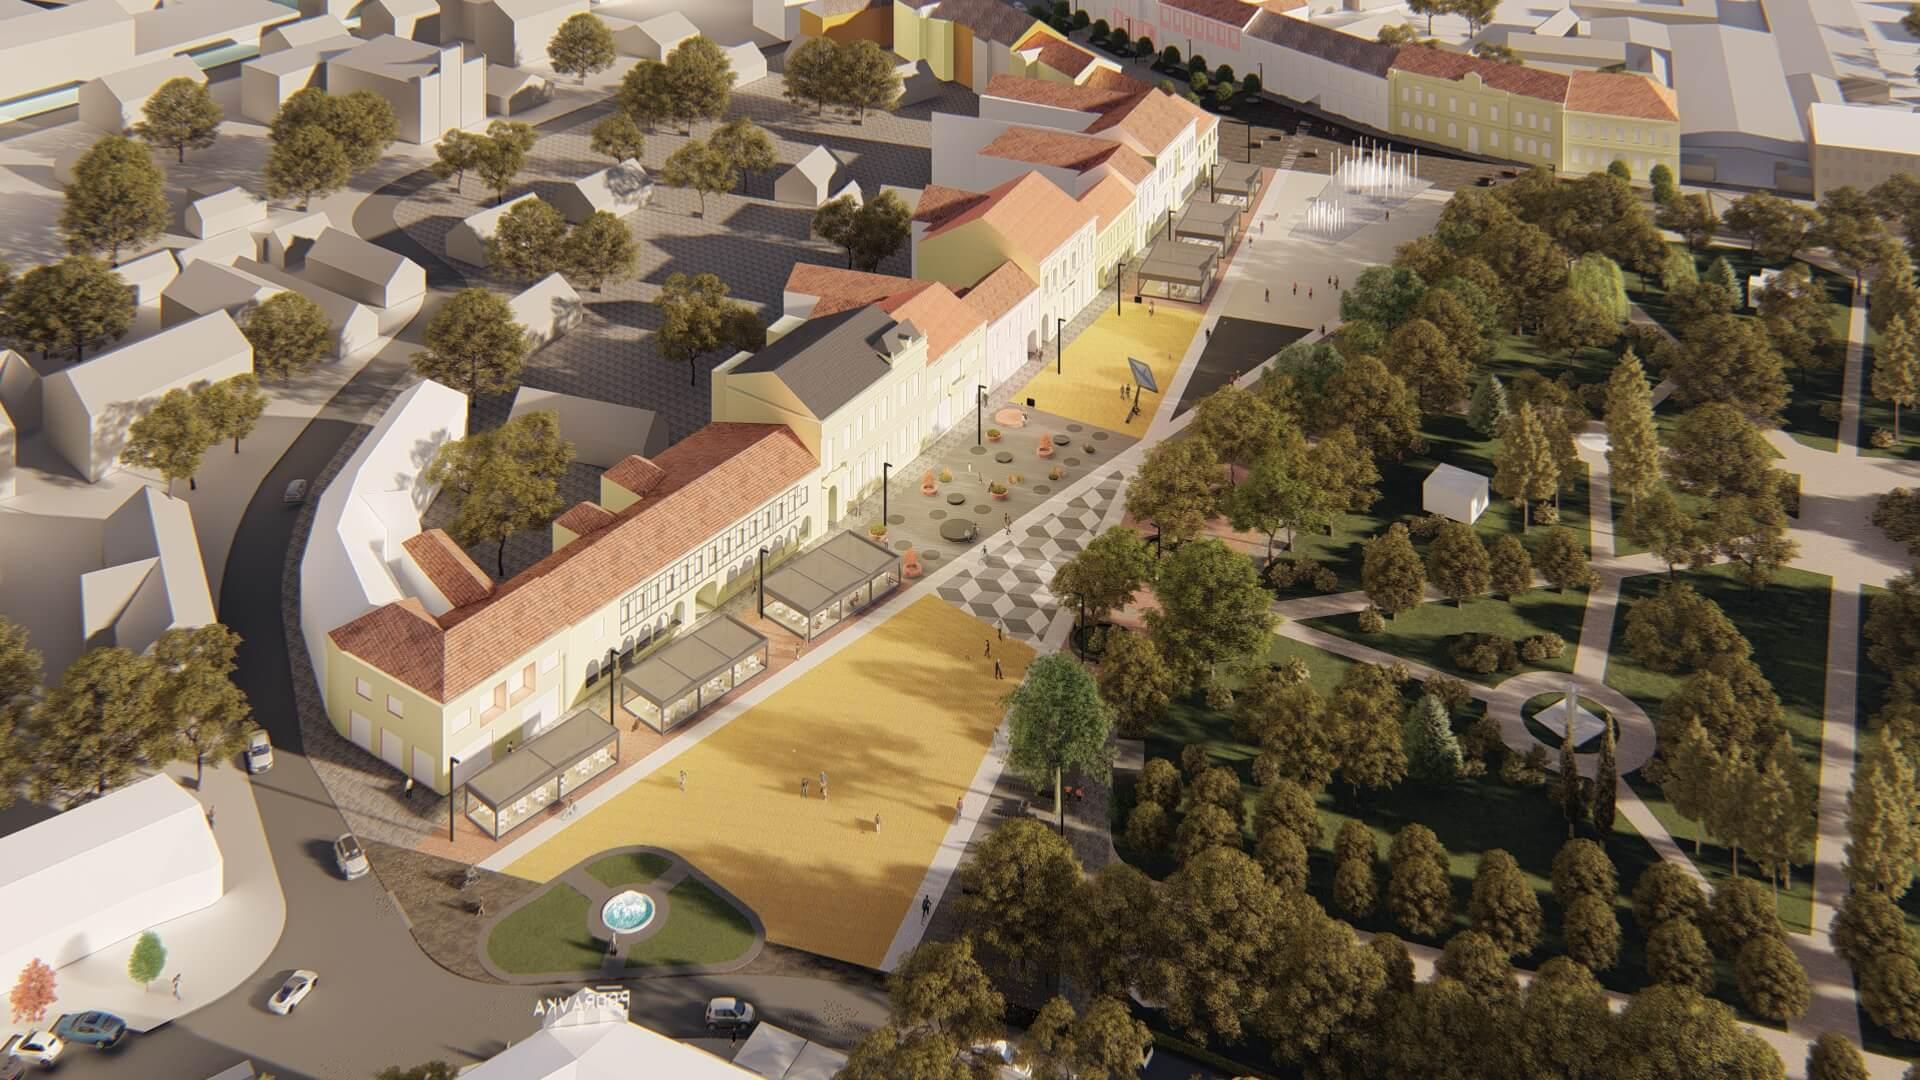 [FOTO] Pogledajte kako će izgledati središte grada na sjeveru zemlje nakon obnove dvaju njegovih trgova